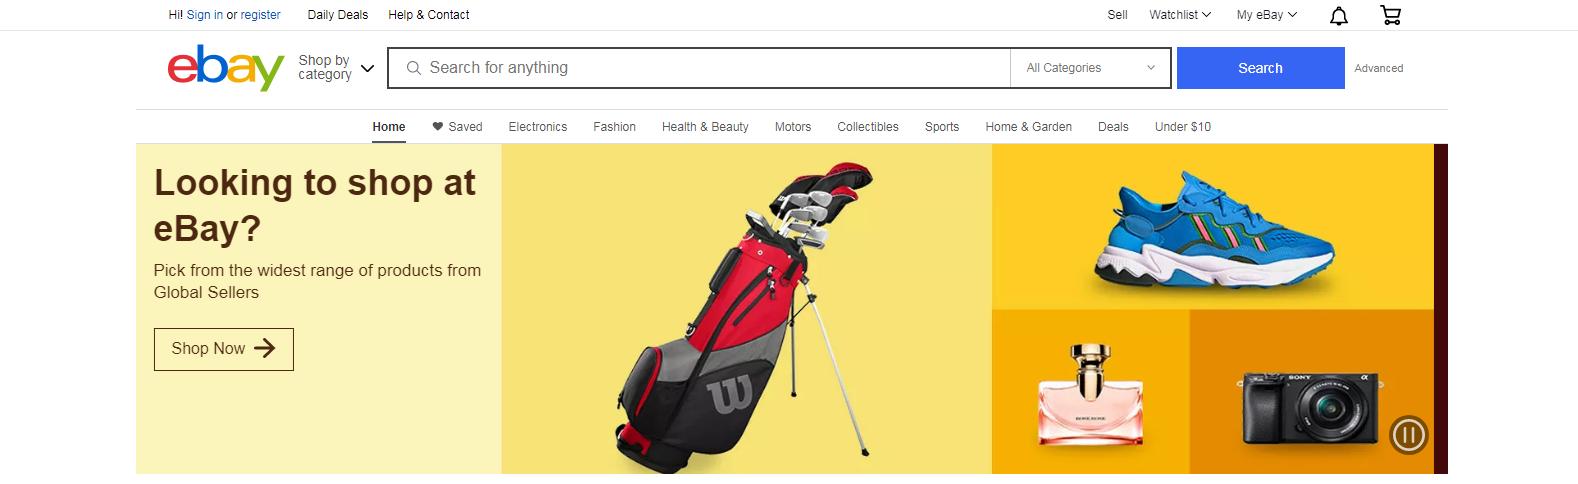 In.Ebay.com: E-Commerce Website